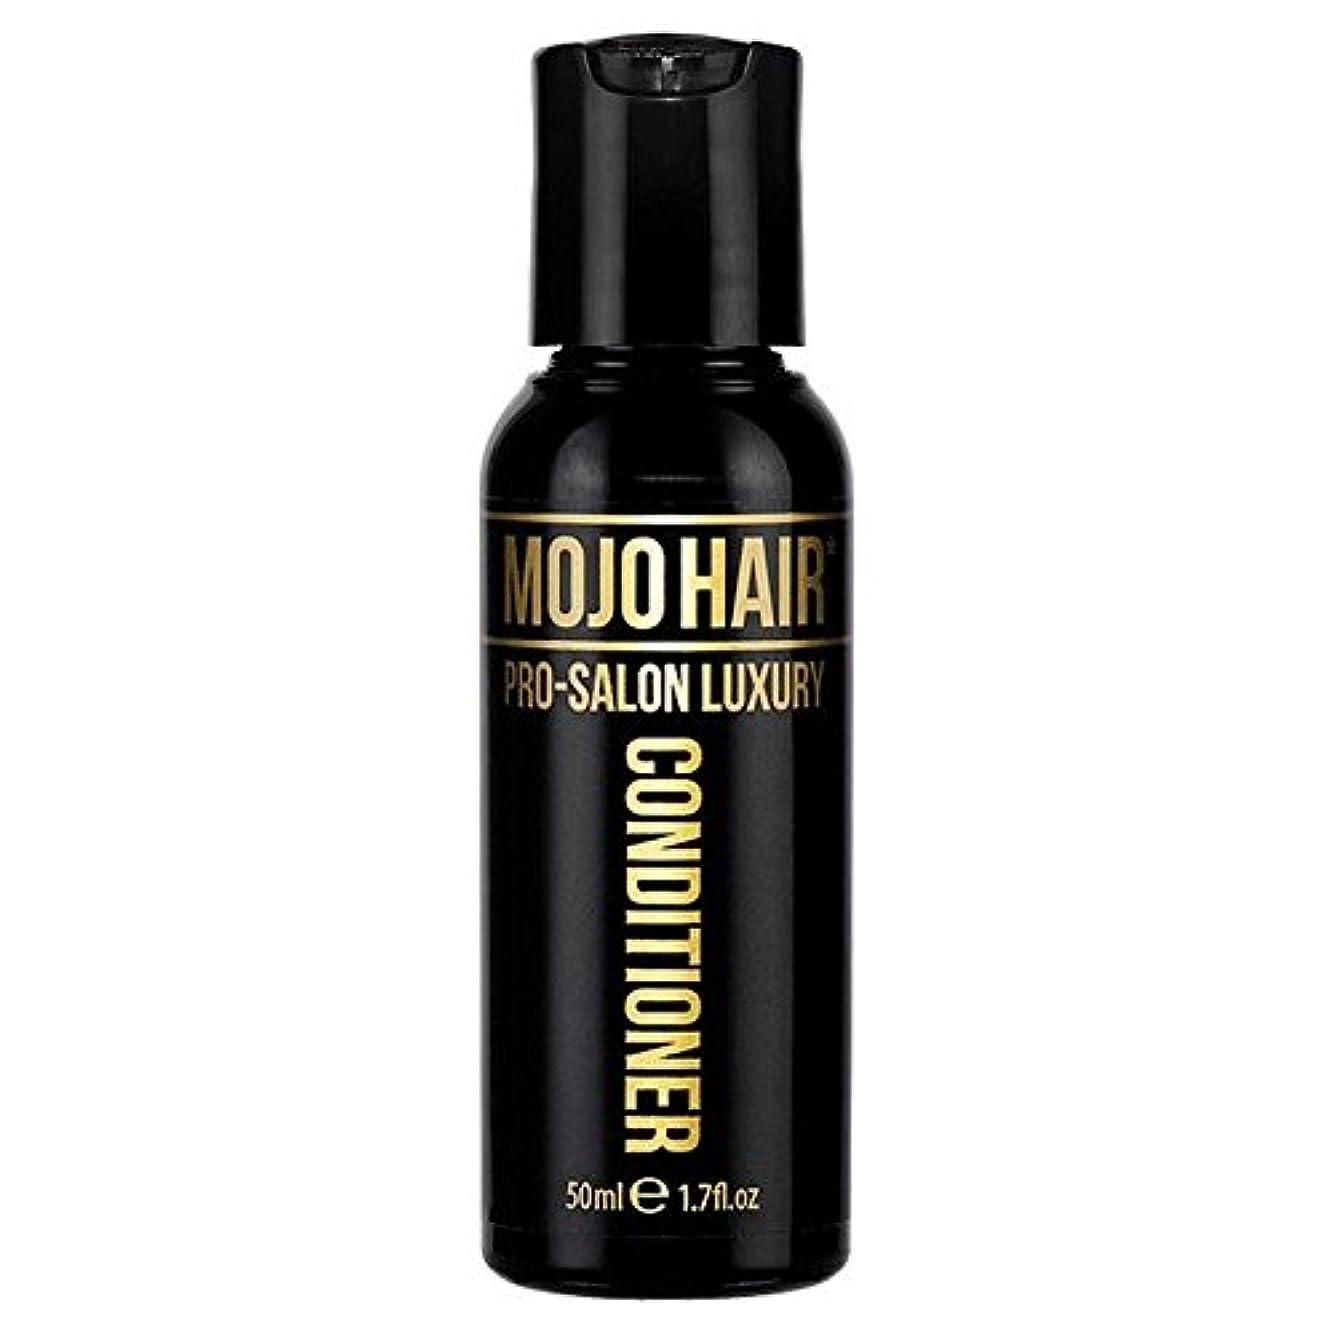 スチール雇用動かす男性のためのモジョの毛プロのサロンの贅沢な香りコンディショナー、トラベルサイズの50ミリリットル x4 - MOJO HAIR Pro-Salon Luxury Fragrance Conditioner for Men...